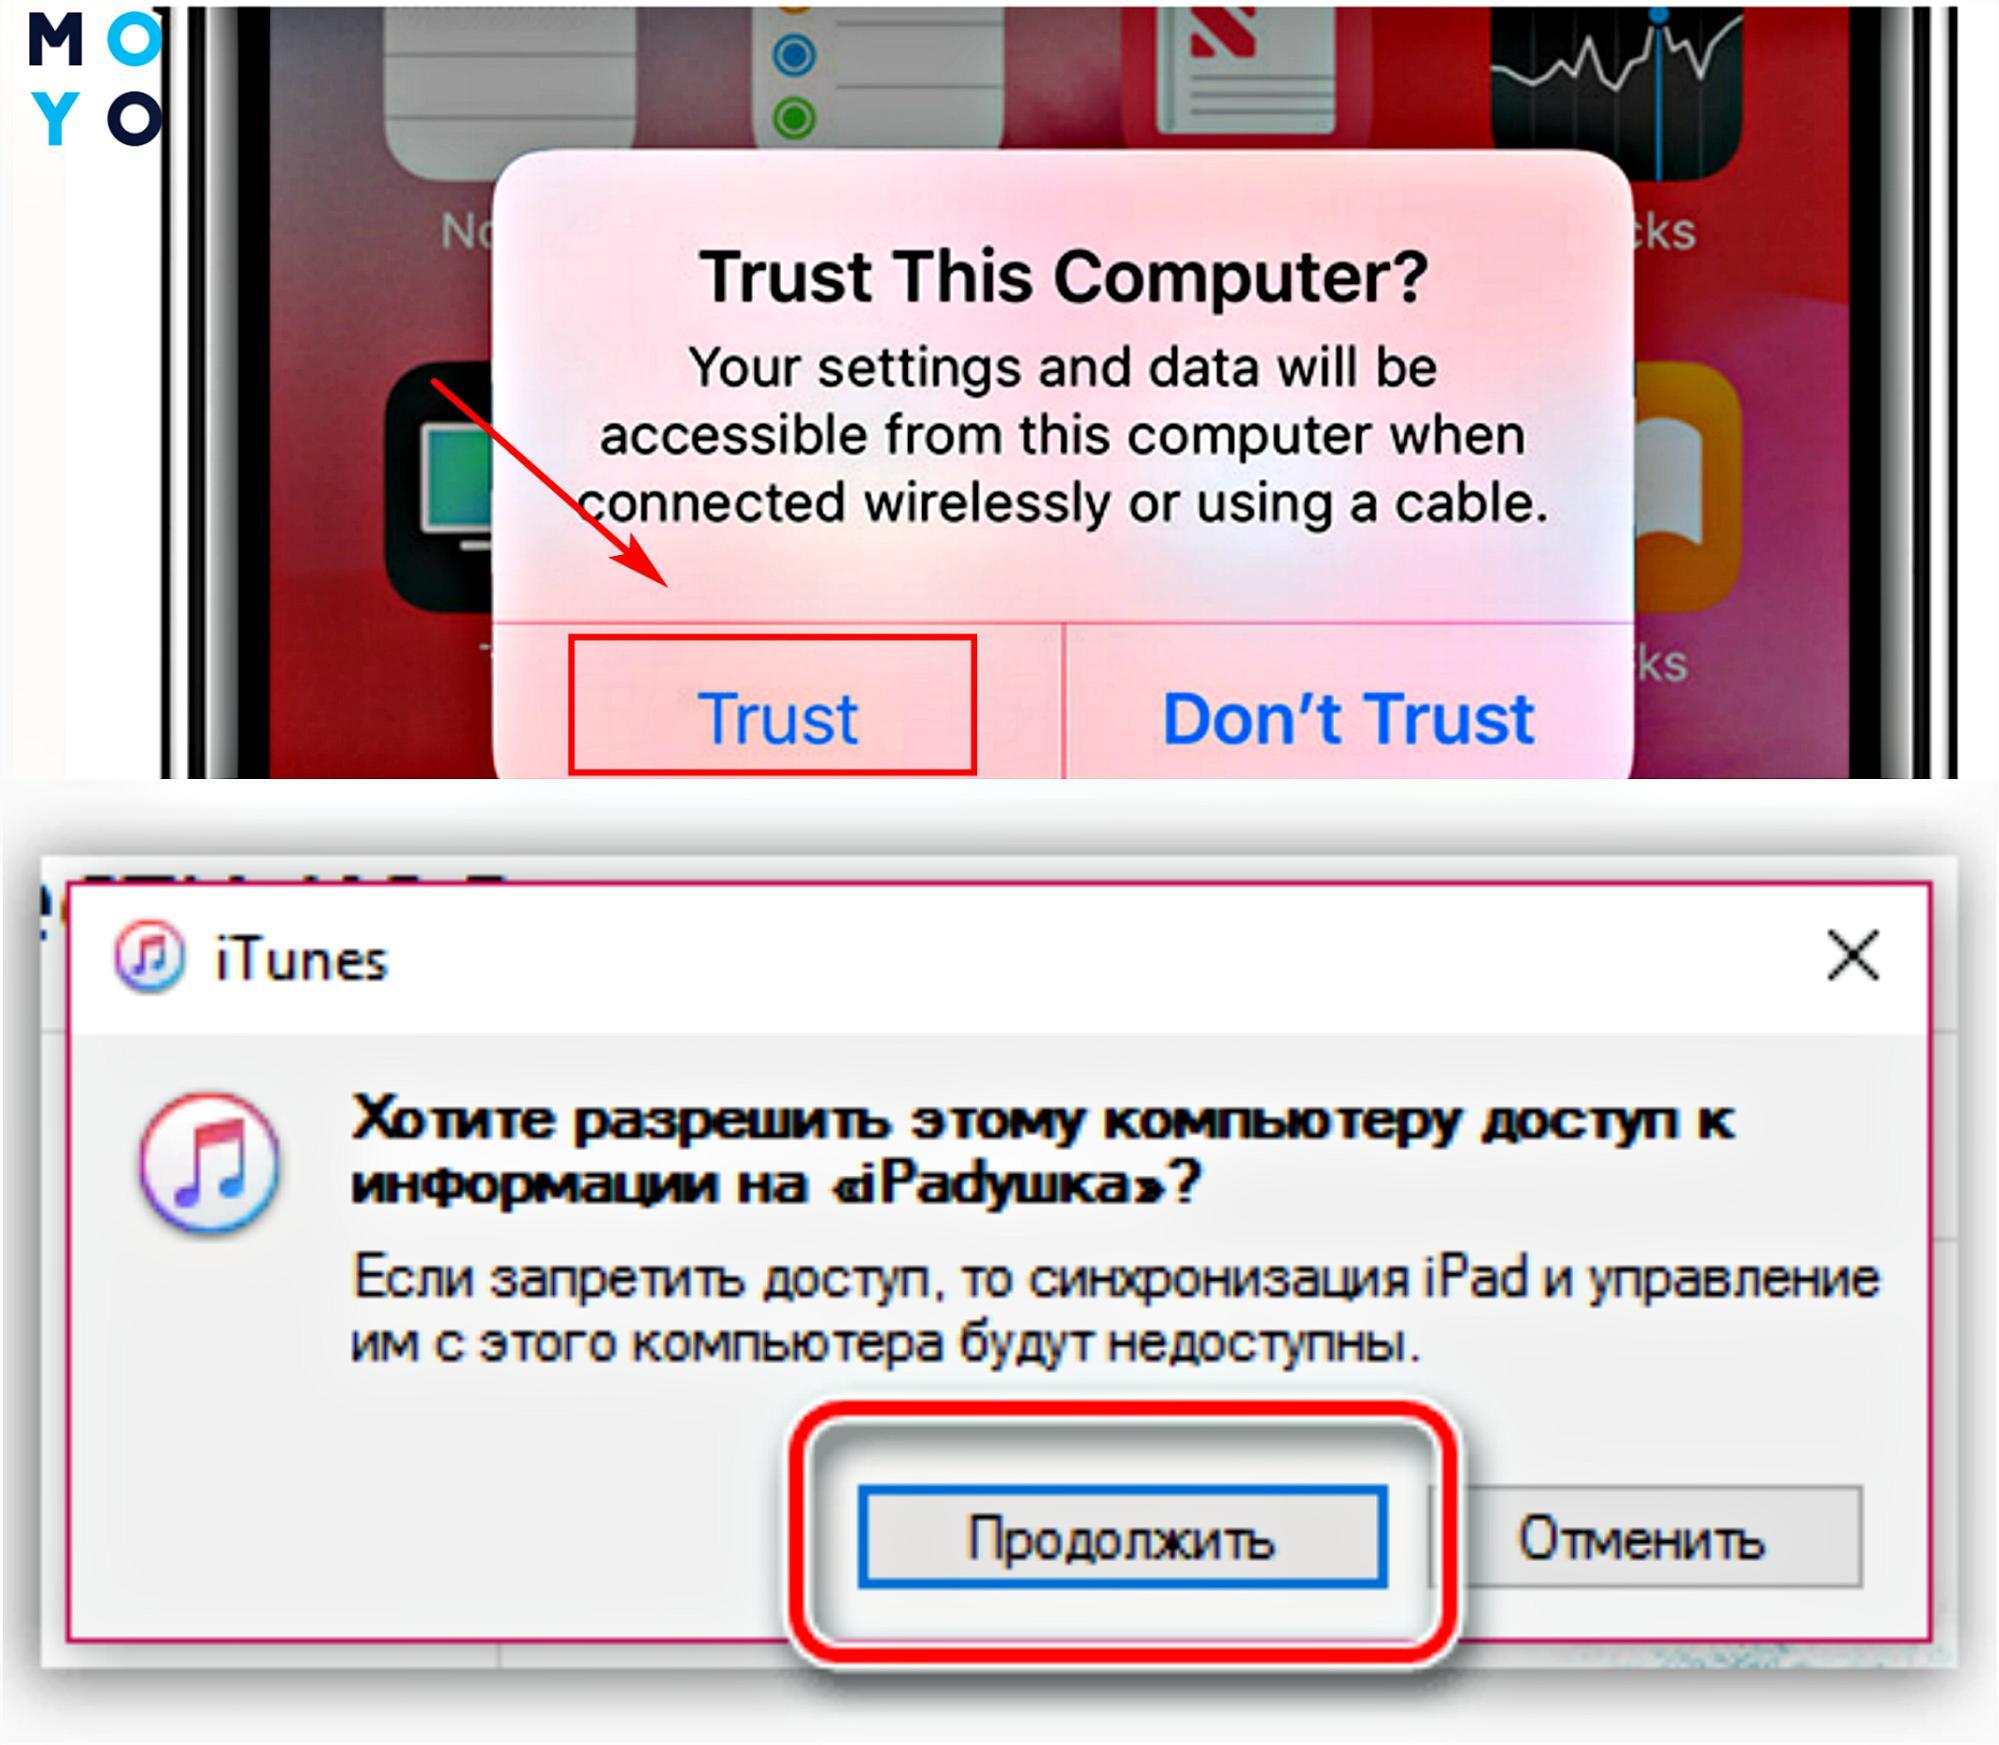 Доверие устройства Apple к компьютеру